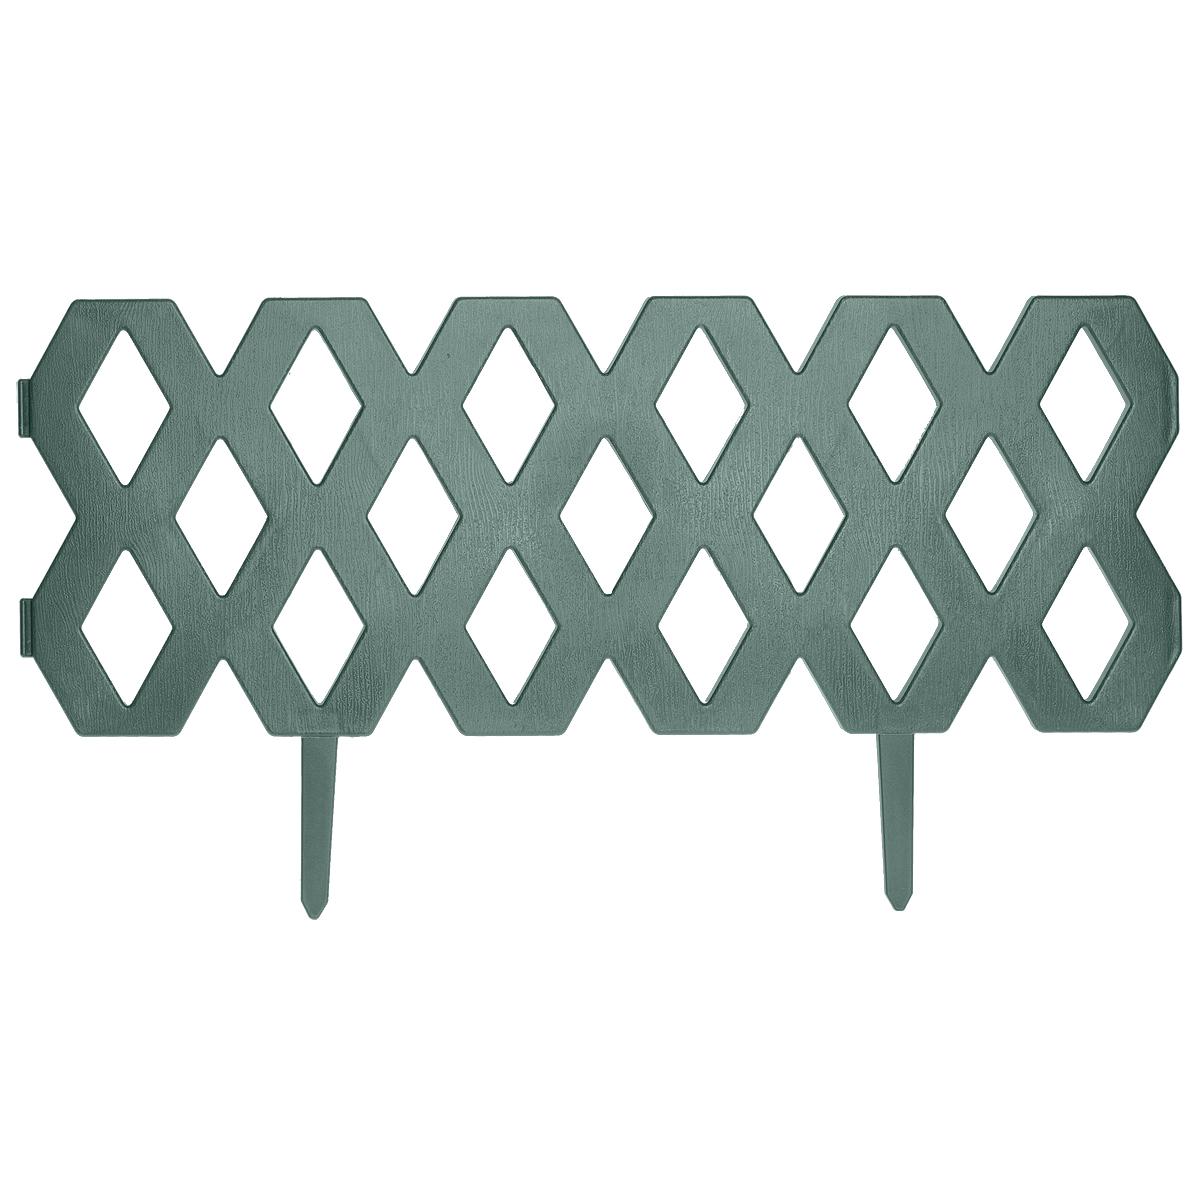 """Забор декоративный пластиковый FIT """"Ромб"""", цвет: зеленый, 2 секции, 1,2 м"""